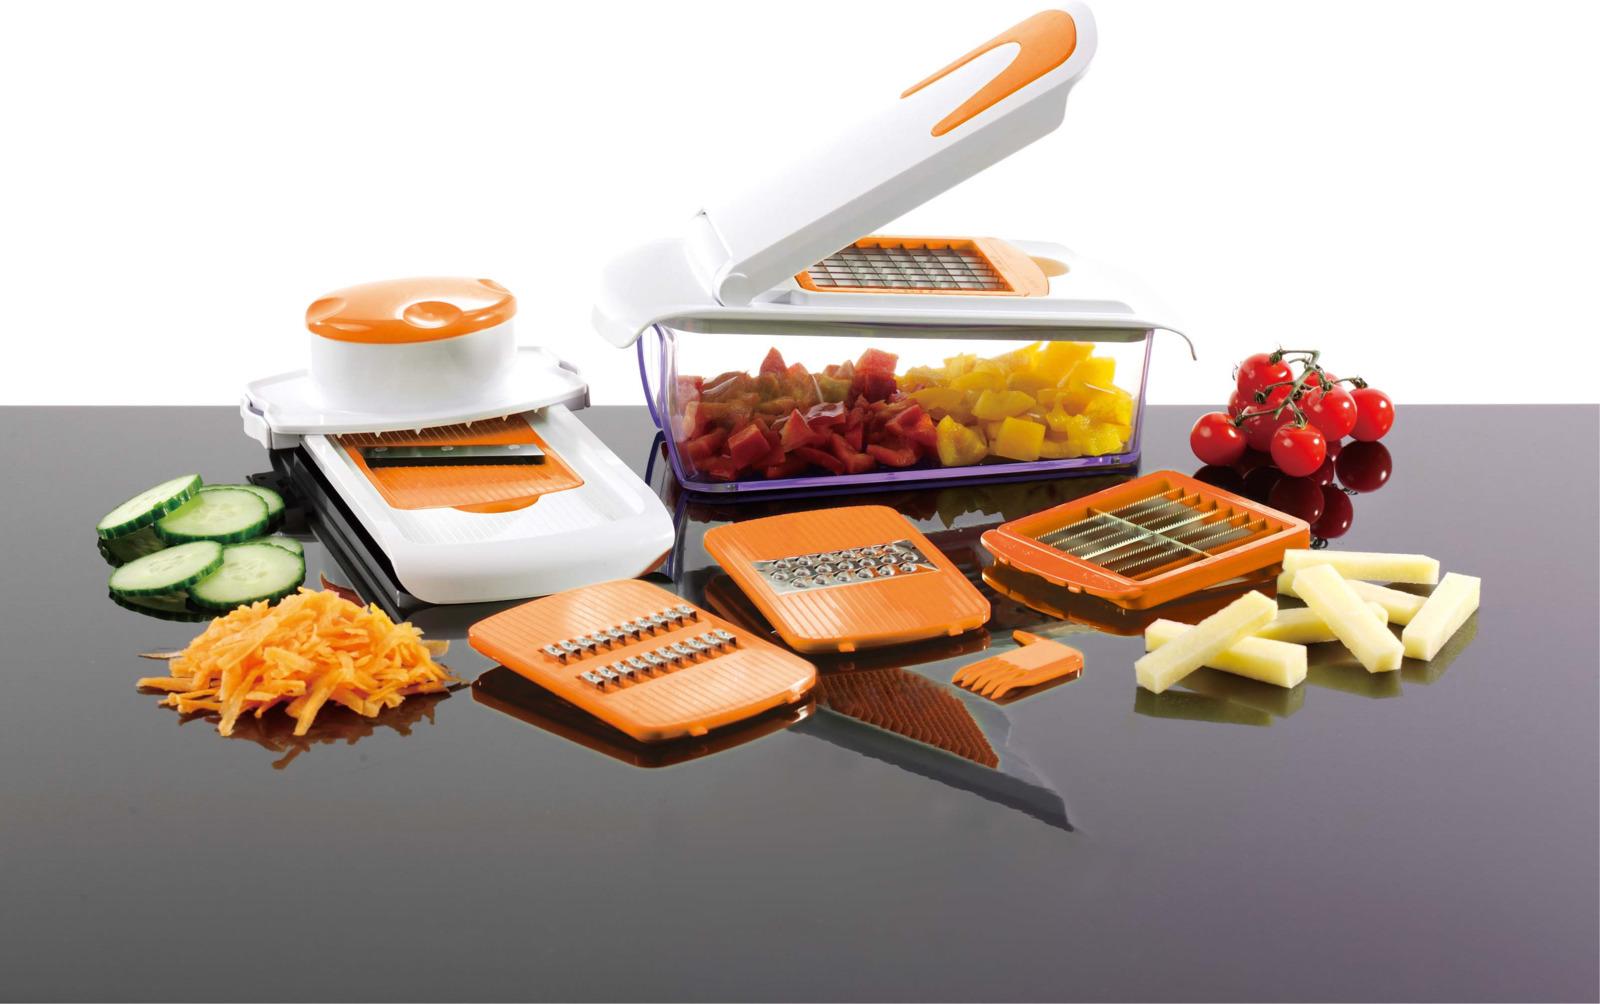 Терка Maestro, многофункциональная, MR-1606, зеленый, оранжевыйMR-1606Универсальная терка состоит из 5-ти съёмных насадок и контейнера для нарезанных продуктов питания. Корпус изделия устойчив, выполнен из пищевого пластика. Материал природного происхождения, экологически чист. Ножи изготовлены из высококачественной нержавеющей стали. Металл прочный, не поддаётся коррозии, поэтому они будут оставаться острыми на протяжении долгого времени. Данное приспособление способно измельчать, крошить, натирать и нарезать овощи, колбасу, фрукты, сыр, мясо и даже хлеб. С ним можно не только подготовить ингредиенты для блюда, но и украсить праздничный стол идеально ровной нарезкой. Рекомендуем!